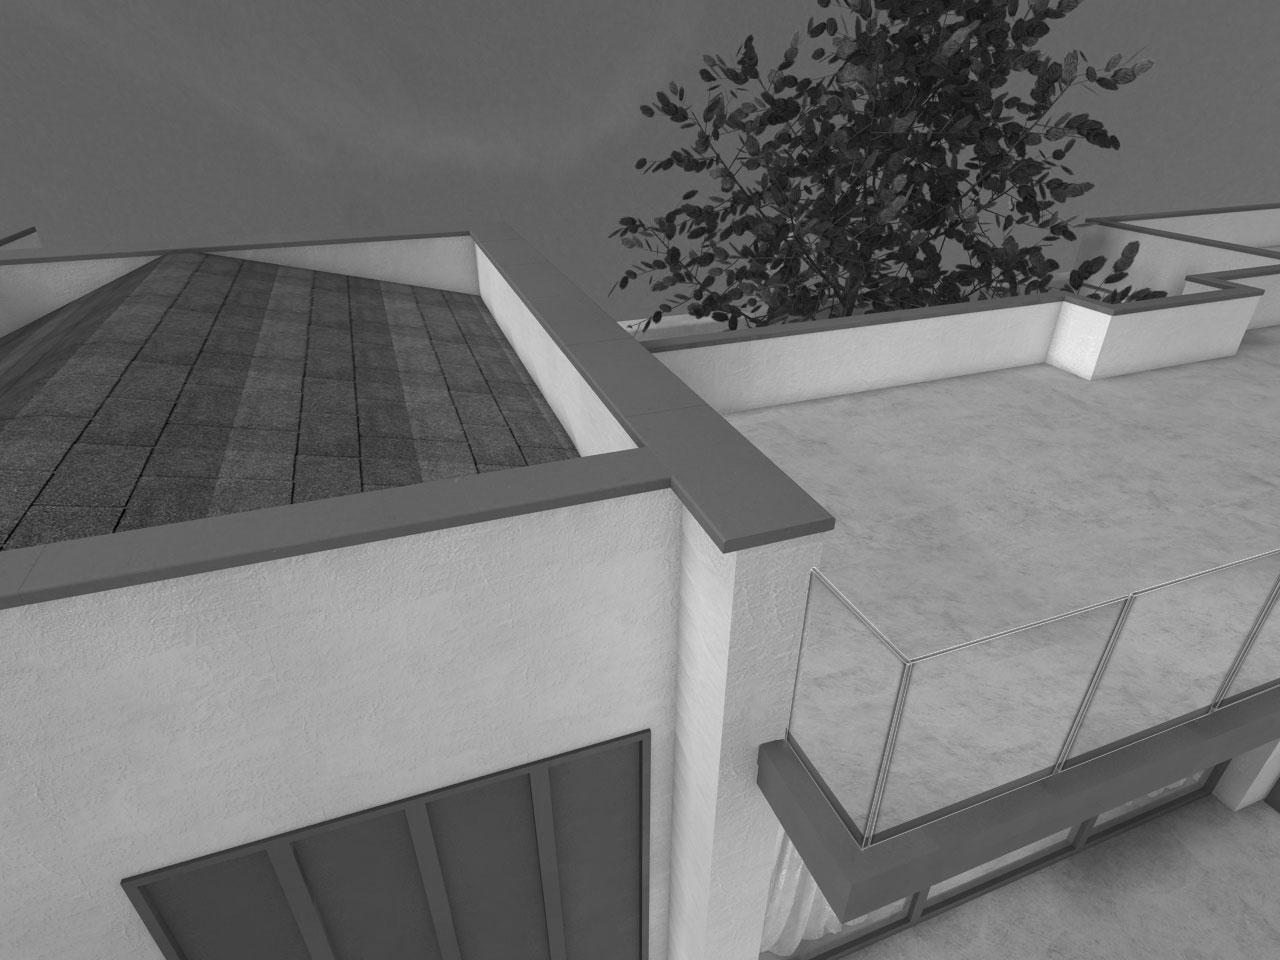 Copertine per muretti esterno in cemento prezzi interno for Coprimuro prezzi